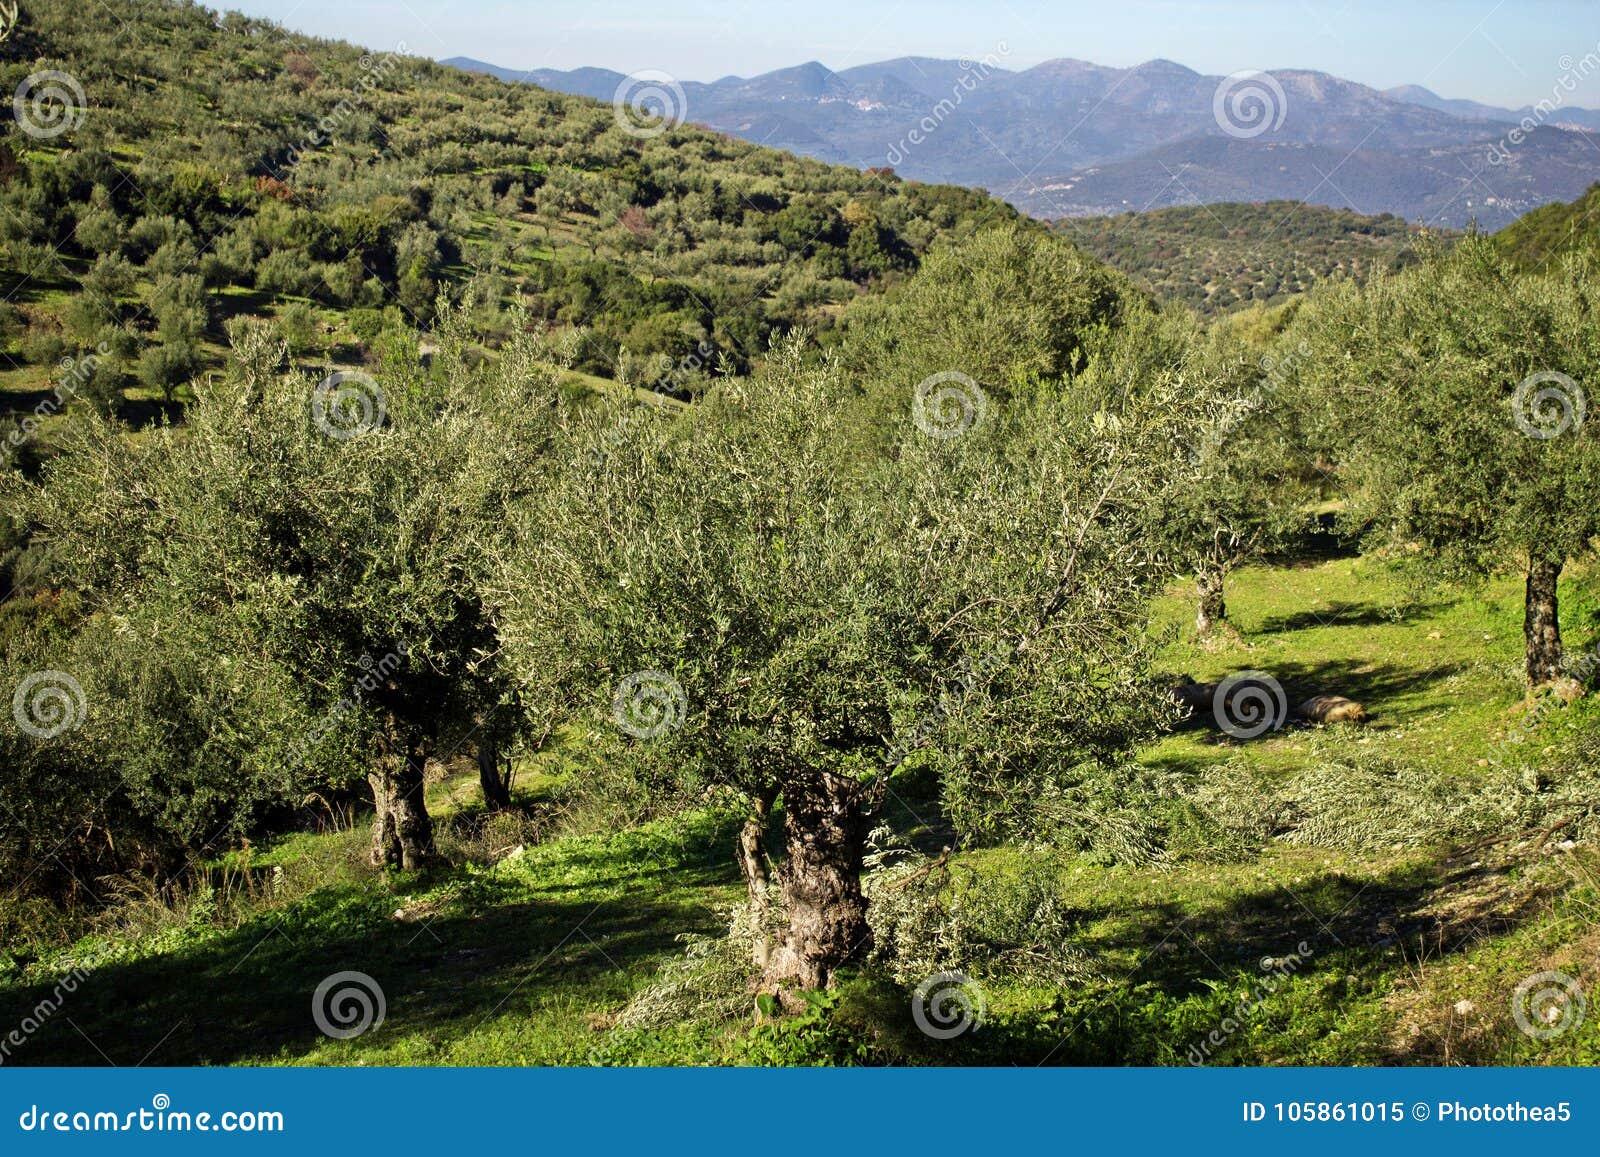 Grécia, bosque verde-oliva em Messinia montanhoso